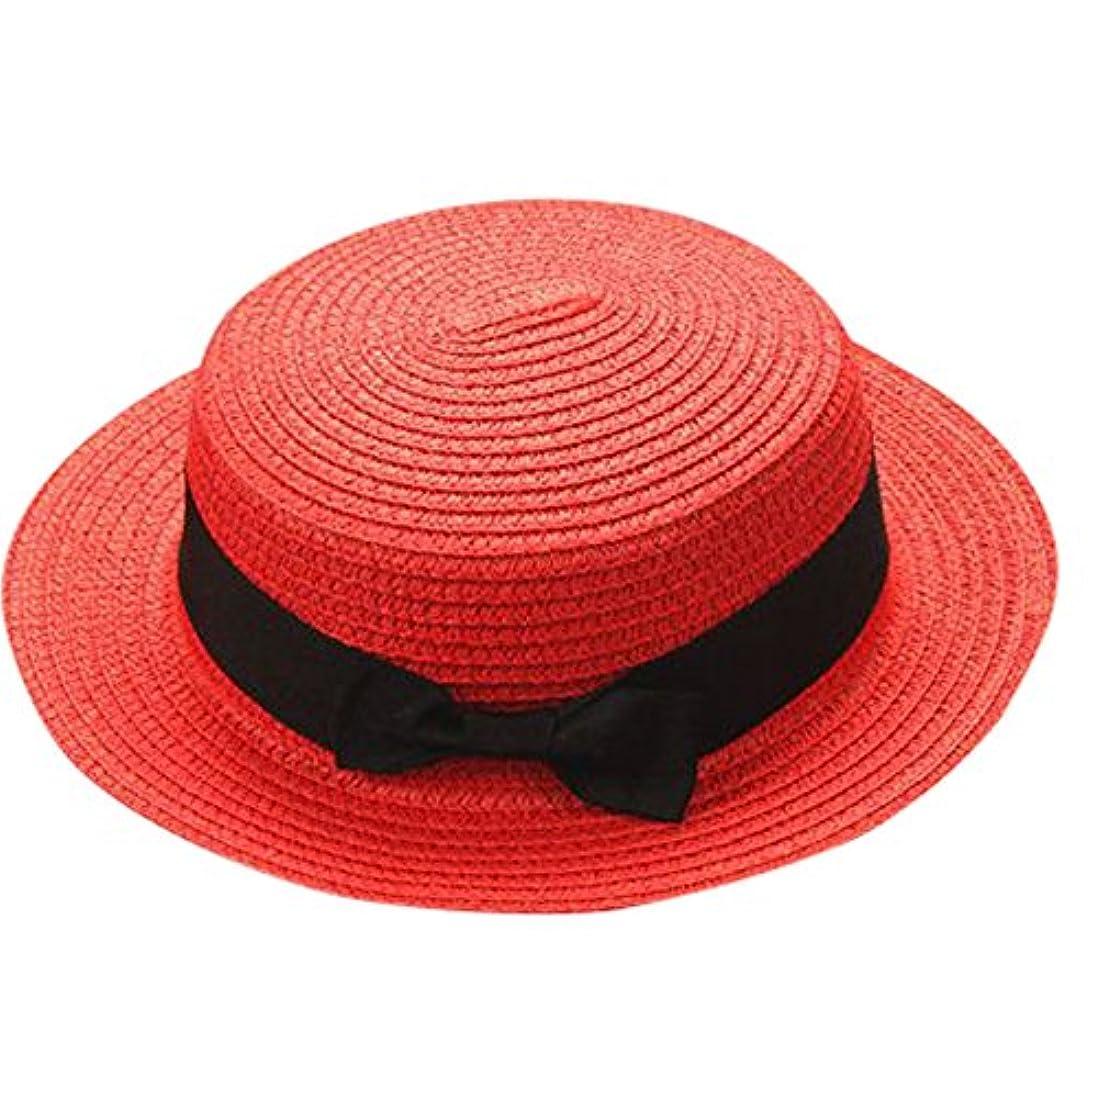 略語衝動マネージャーキャップ キッズ 日よけ 帽子 小顔効果抜群 旅行用 日よけ 夏 ビーチ 海辺 かわいい リゾート 紫外線対策 男女兼用 日焼け防止 熱中症予防 取り外すあご紐 つば広 おしゃれ 可愛い 夏 ROSE ROMAN